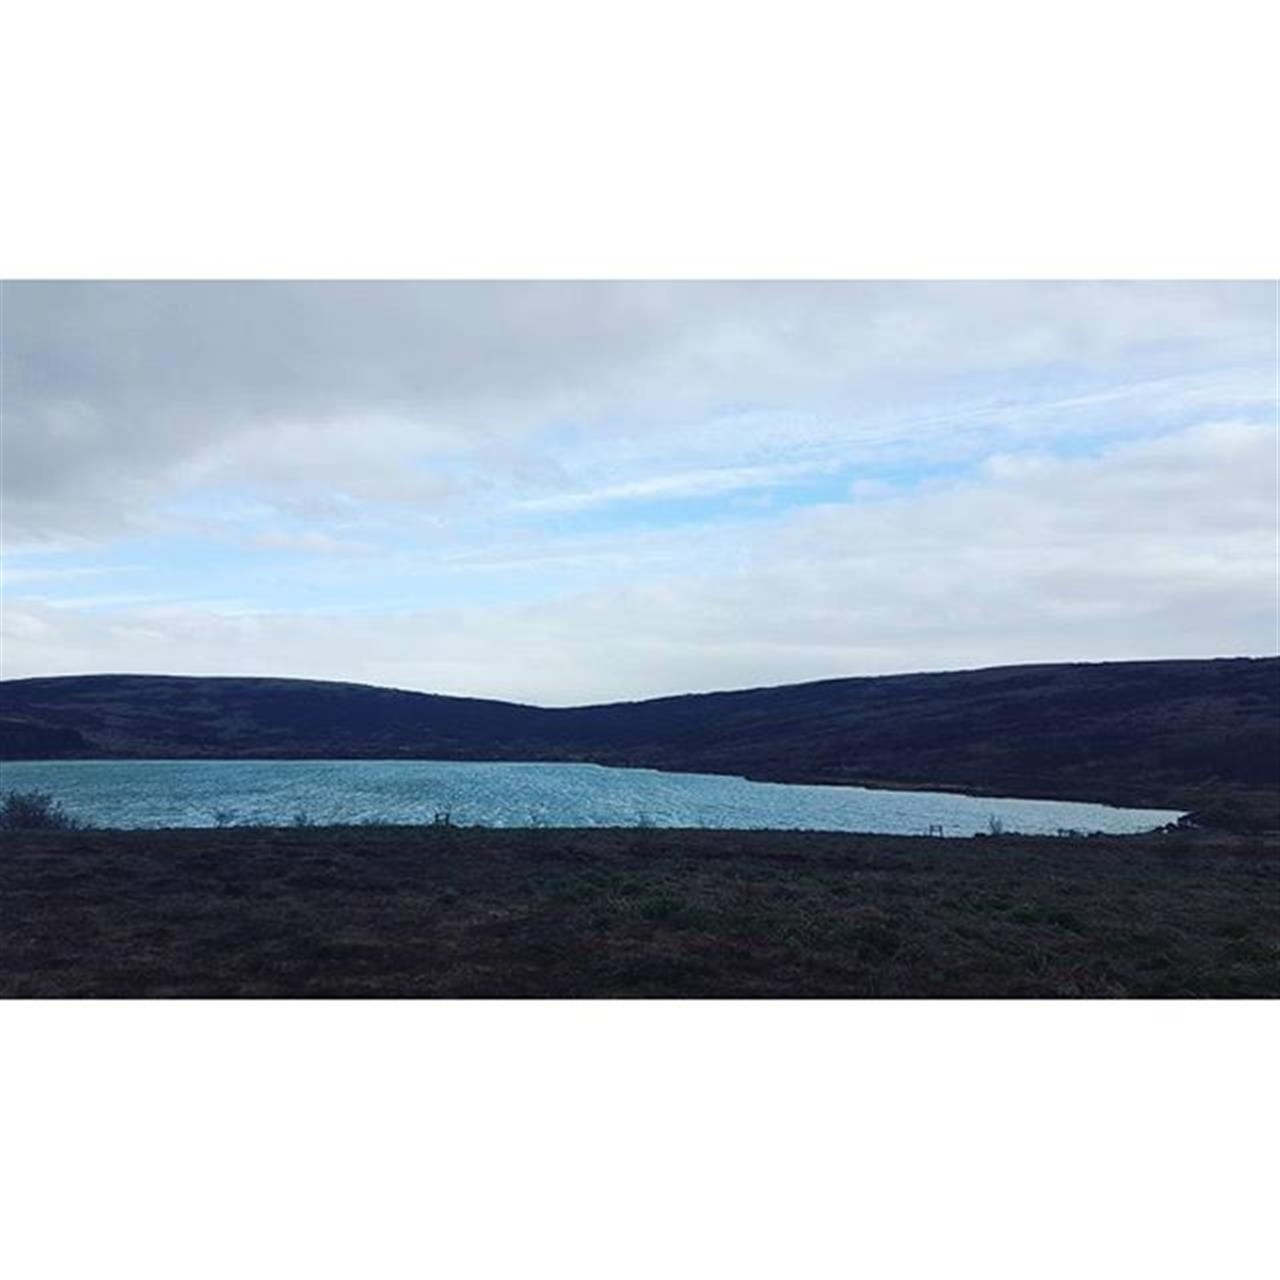 Dßsamlega VÝfilsstaavatn. Einn af mÝnum uppßhaldsst÷um. Wonderful VÝfilstaavatn. One of my favorite places.  #vifilstadavatn #lake #vatn #water #nattura #nature #sky #cloud #sk² #himinn #lÝfi #njota #enjoy #lifeisgood #life #leadingrelocal #leadingre